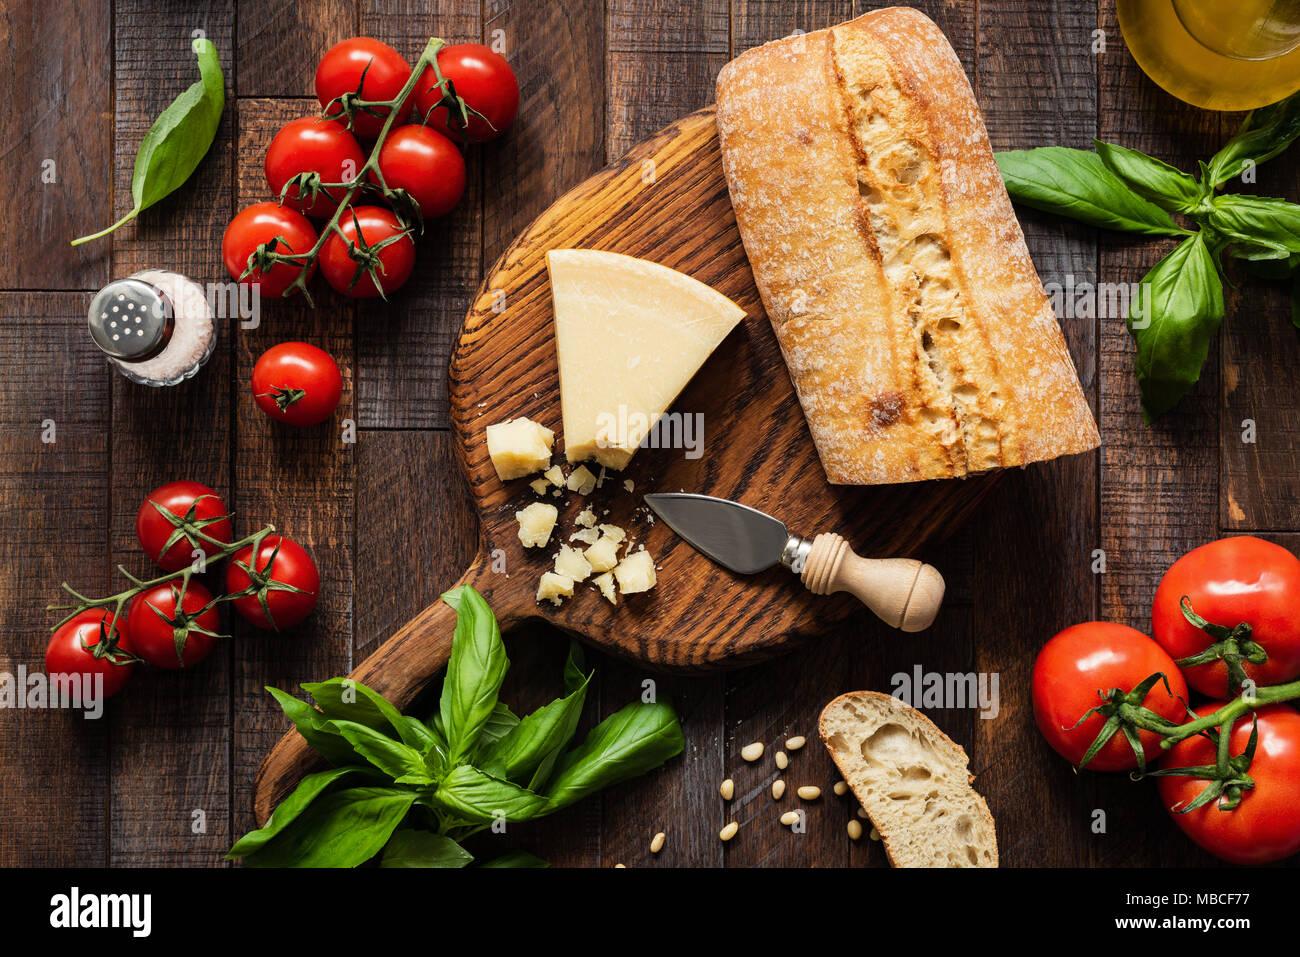 La cuisine italienne, parmesan, pain ciabatta, Bruschetta, Tomates et basilic sur fond de bois rustique. Vue d'en haut Photo Stock